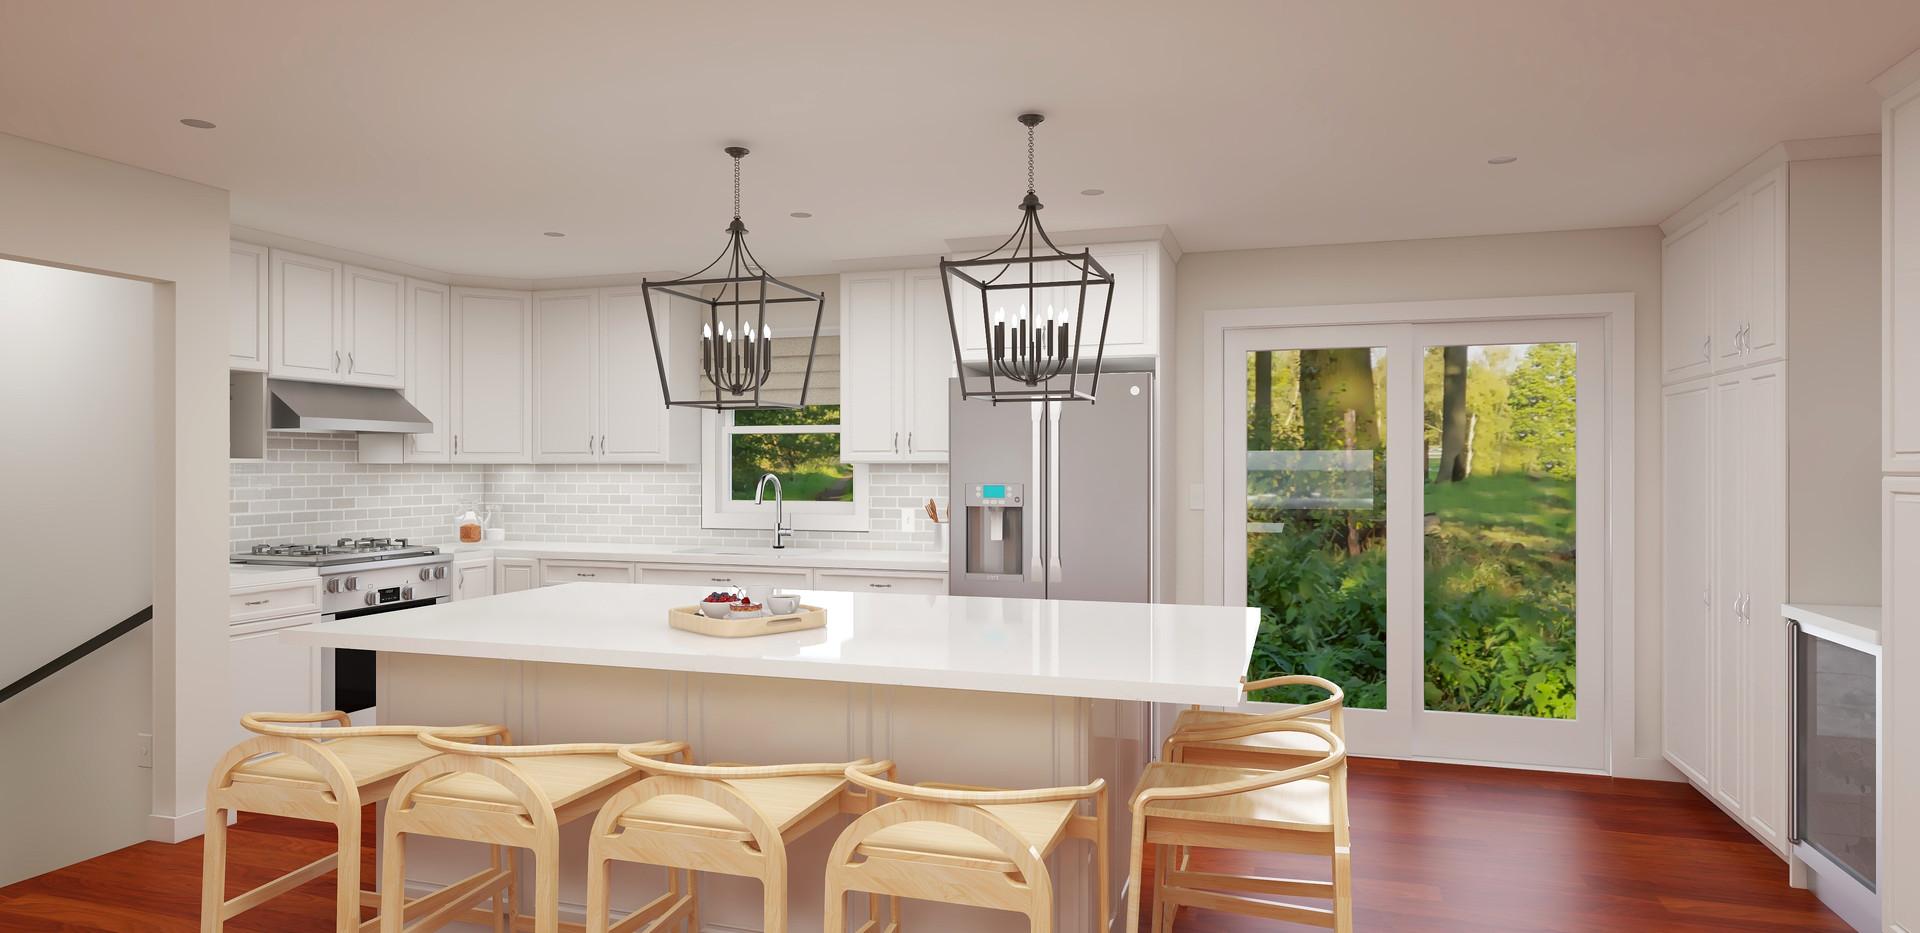 snowbound kitchen 2.jpg